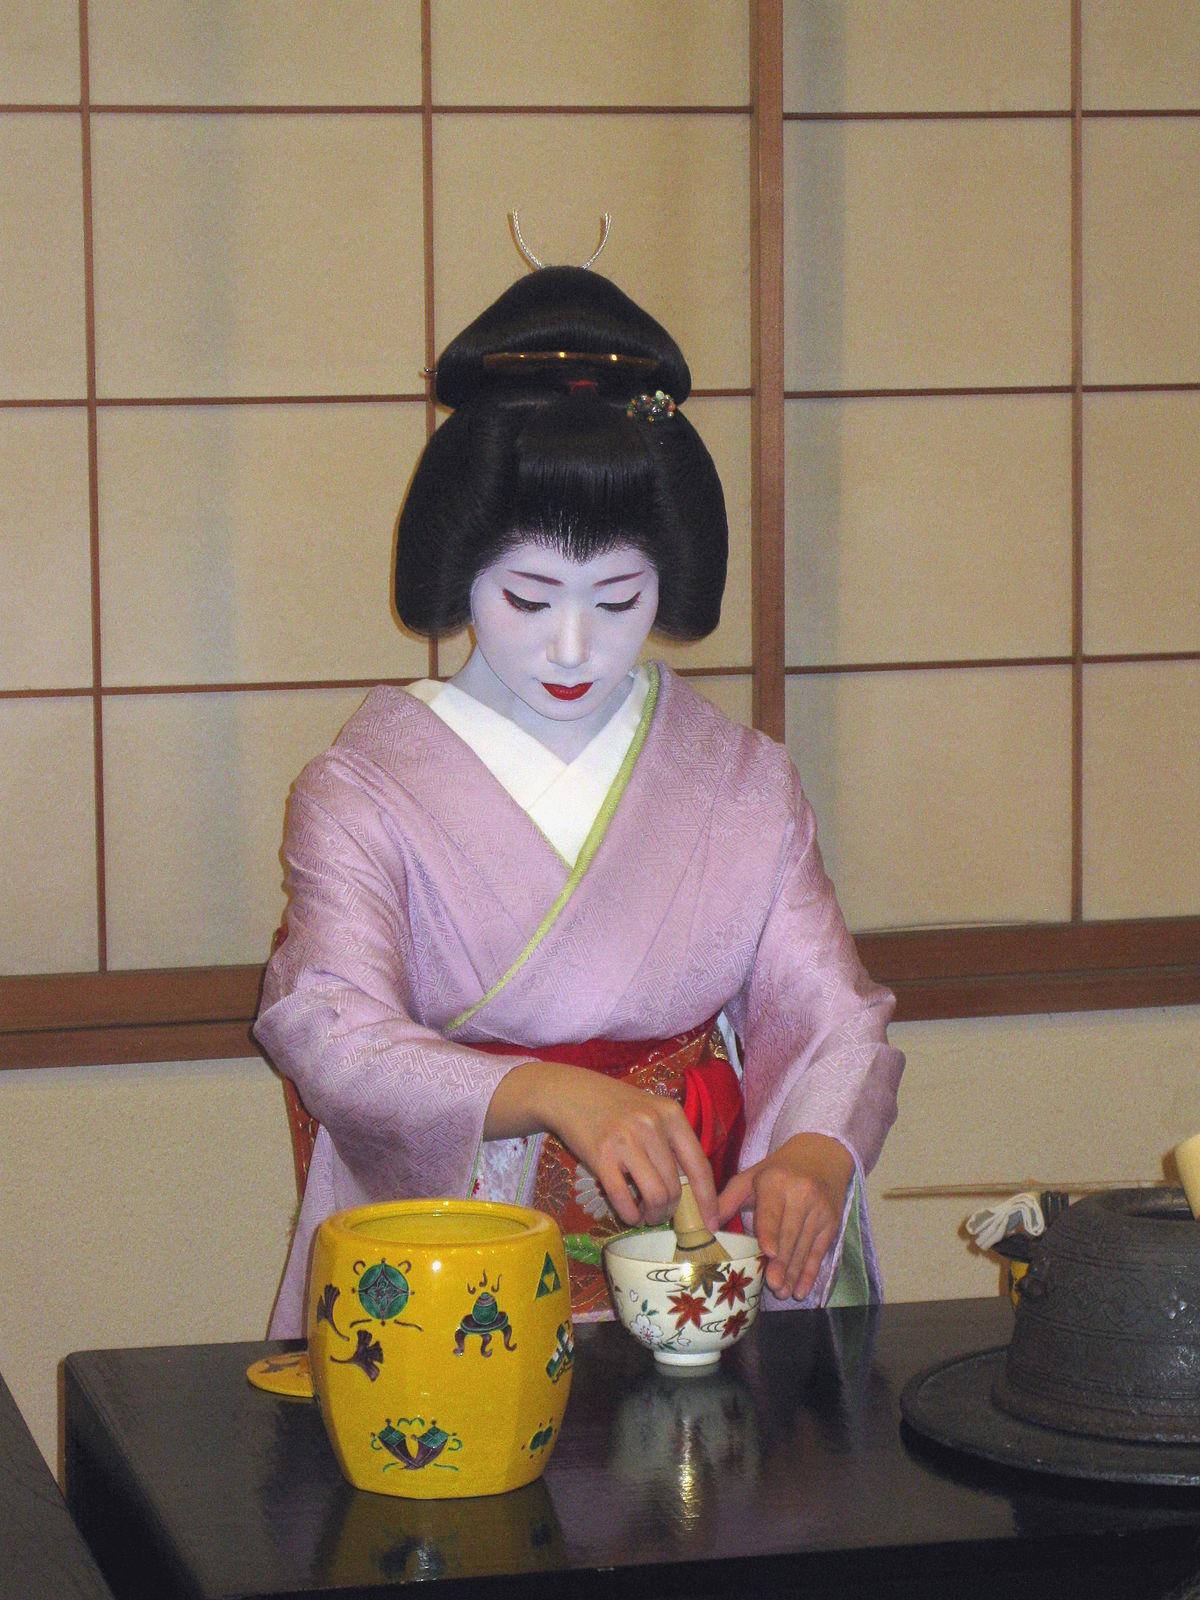 geisha wikipedia entziklopedia askea